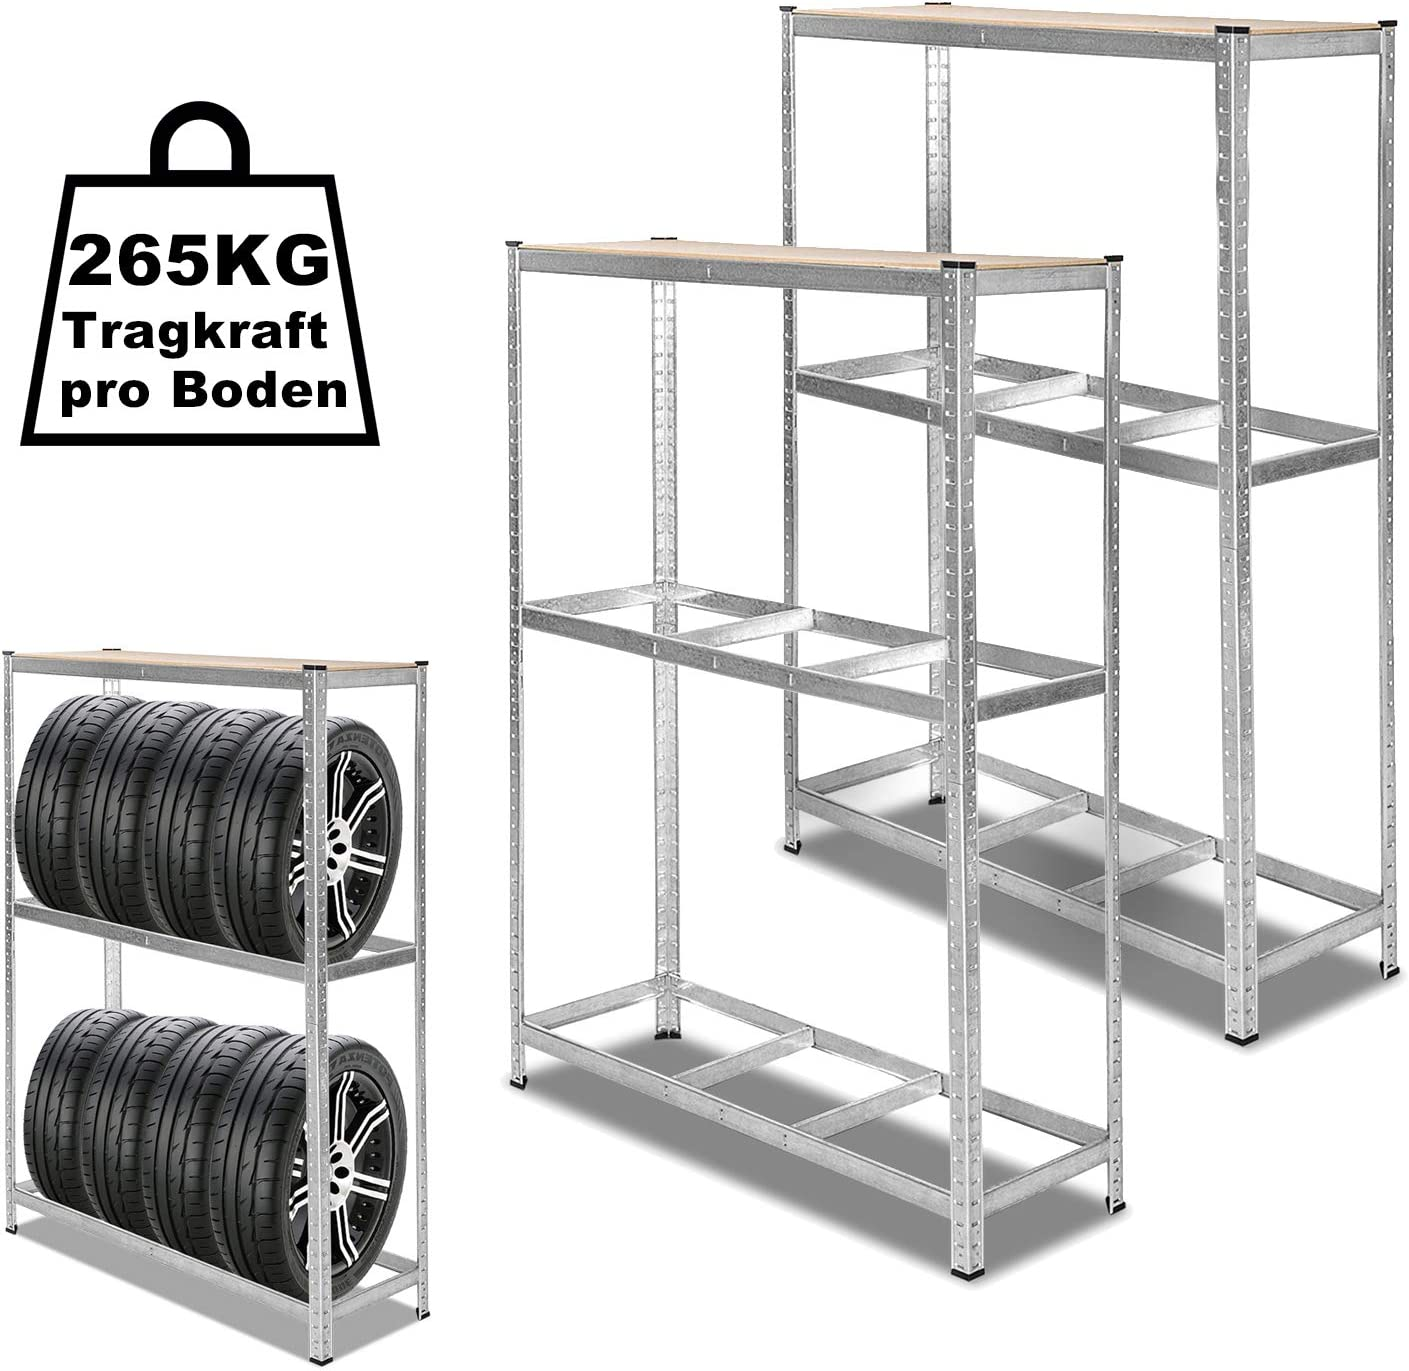 Hengda 1x Reifenregal Reifenst/änder verzinkt Lagerregal Robust und haltbar 120 x 40 x 180 cm H/öhe des l/ässt sich verstellen